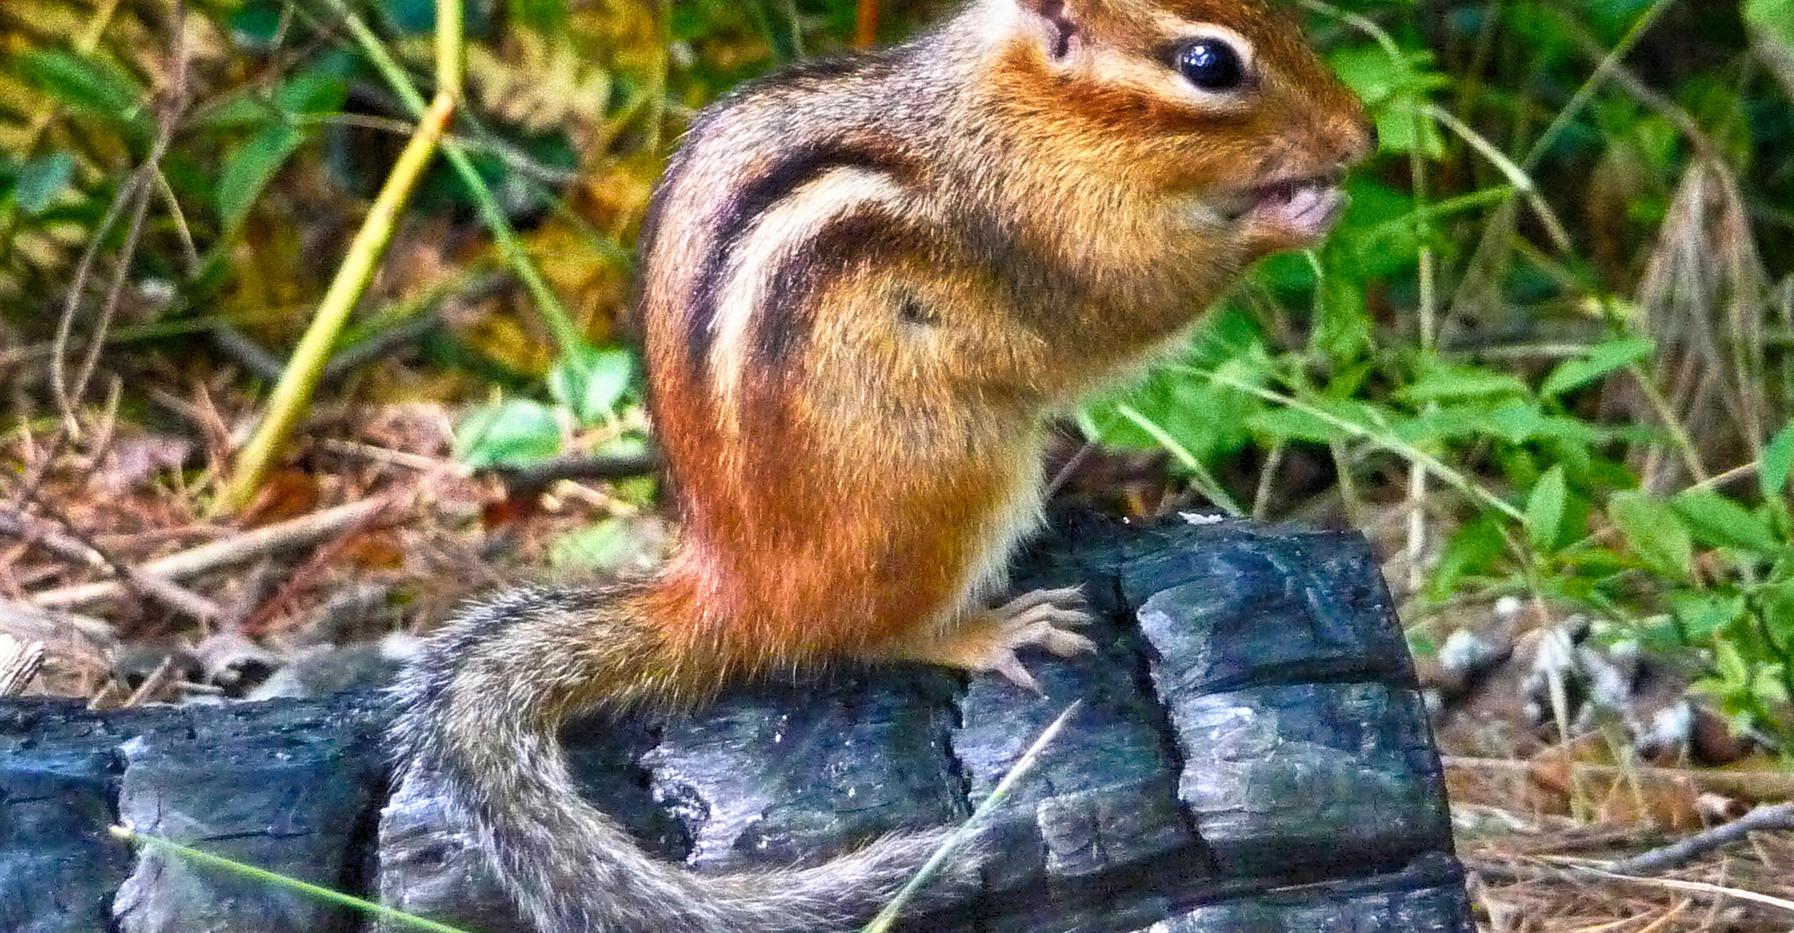 A Chipmunk on A Charred Log